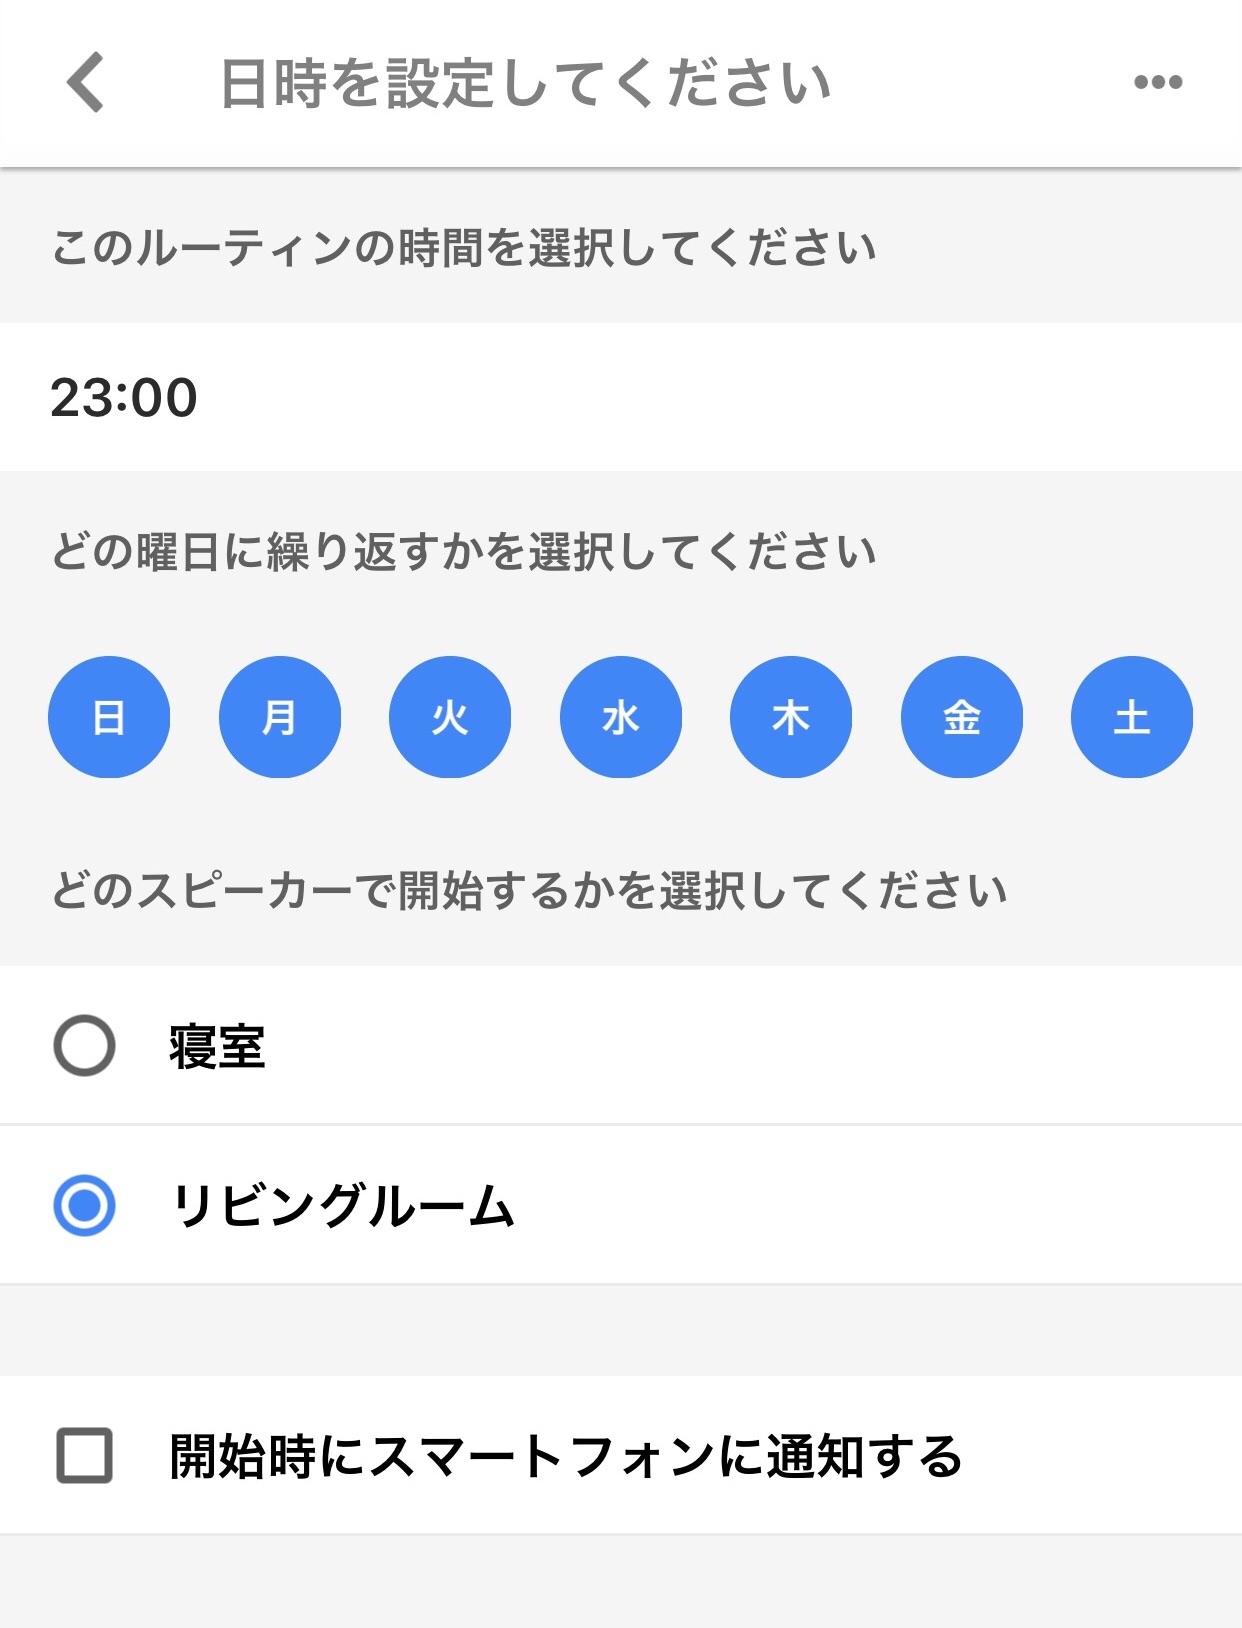 f:id:sorashima:20190627211711j:image:w311